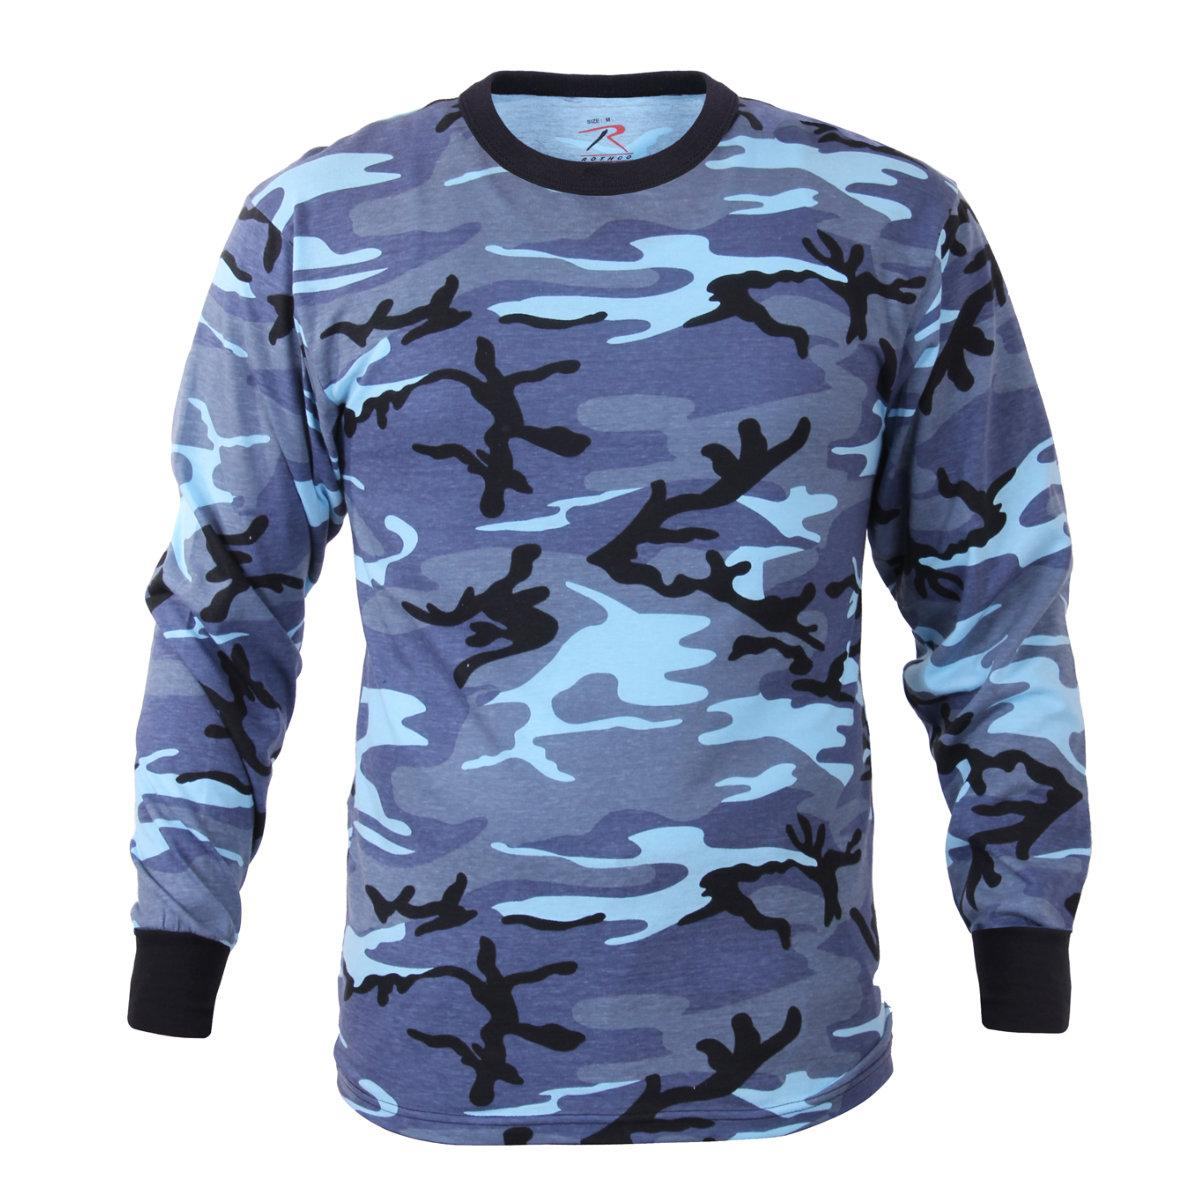 9f3141ff3056 Rothco - Long Sleeve Camouflage T-Shirt, Sky Blue Camo - Walmart.com